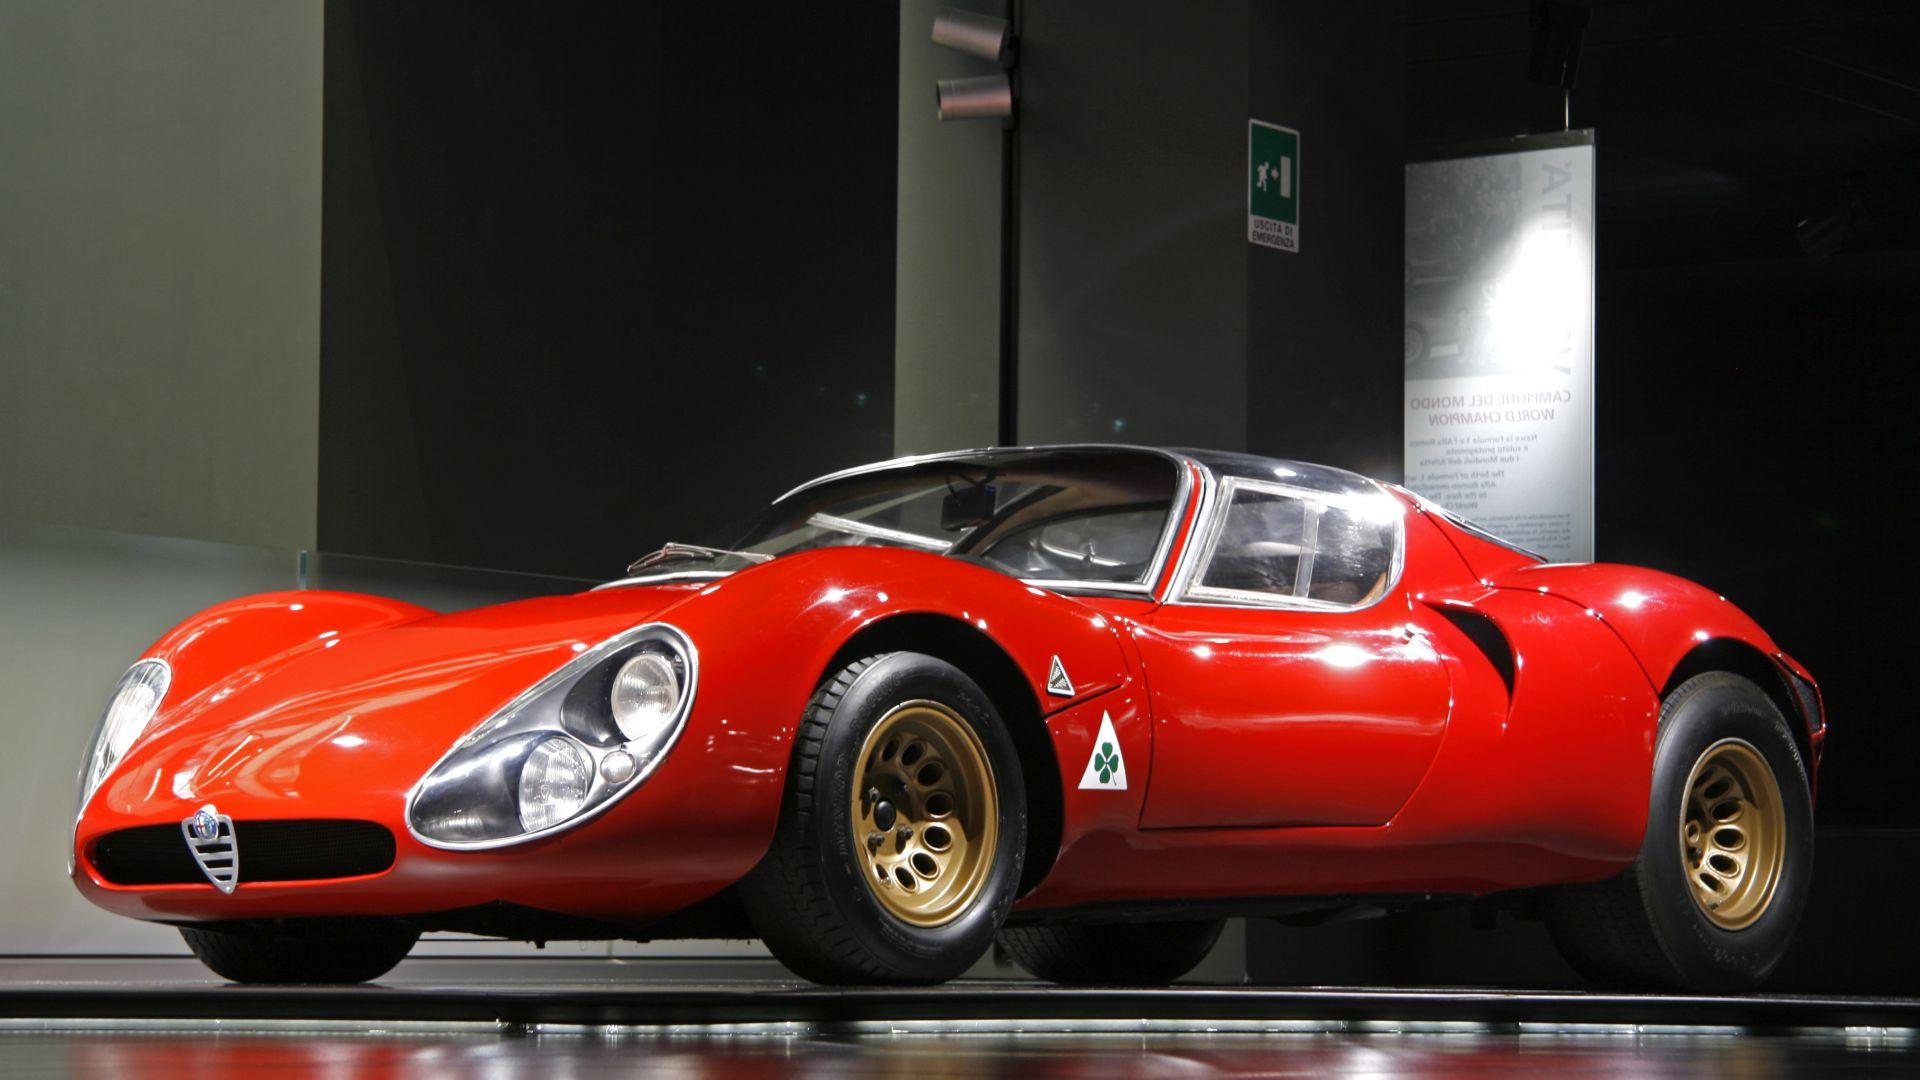 Wallpaper Alfa Romeo, red racing car, side view